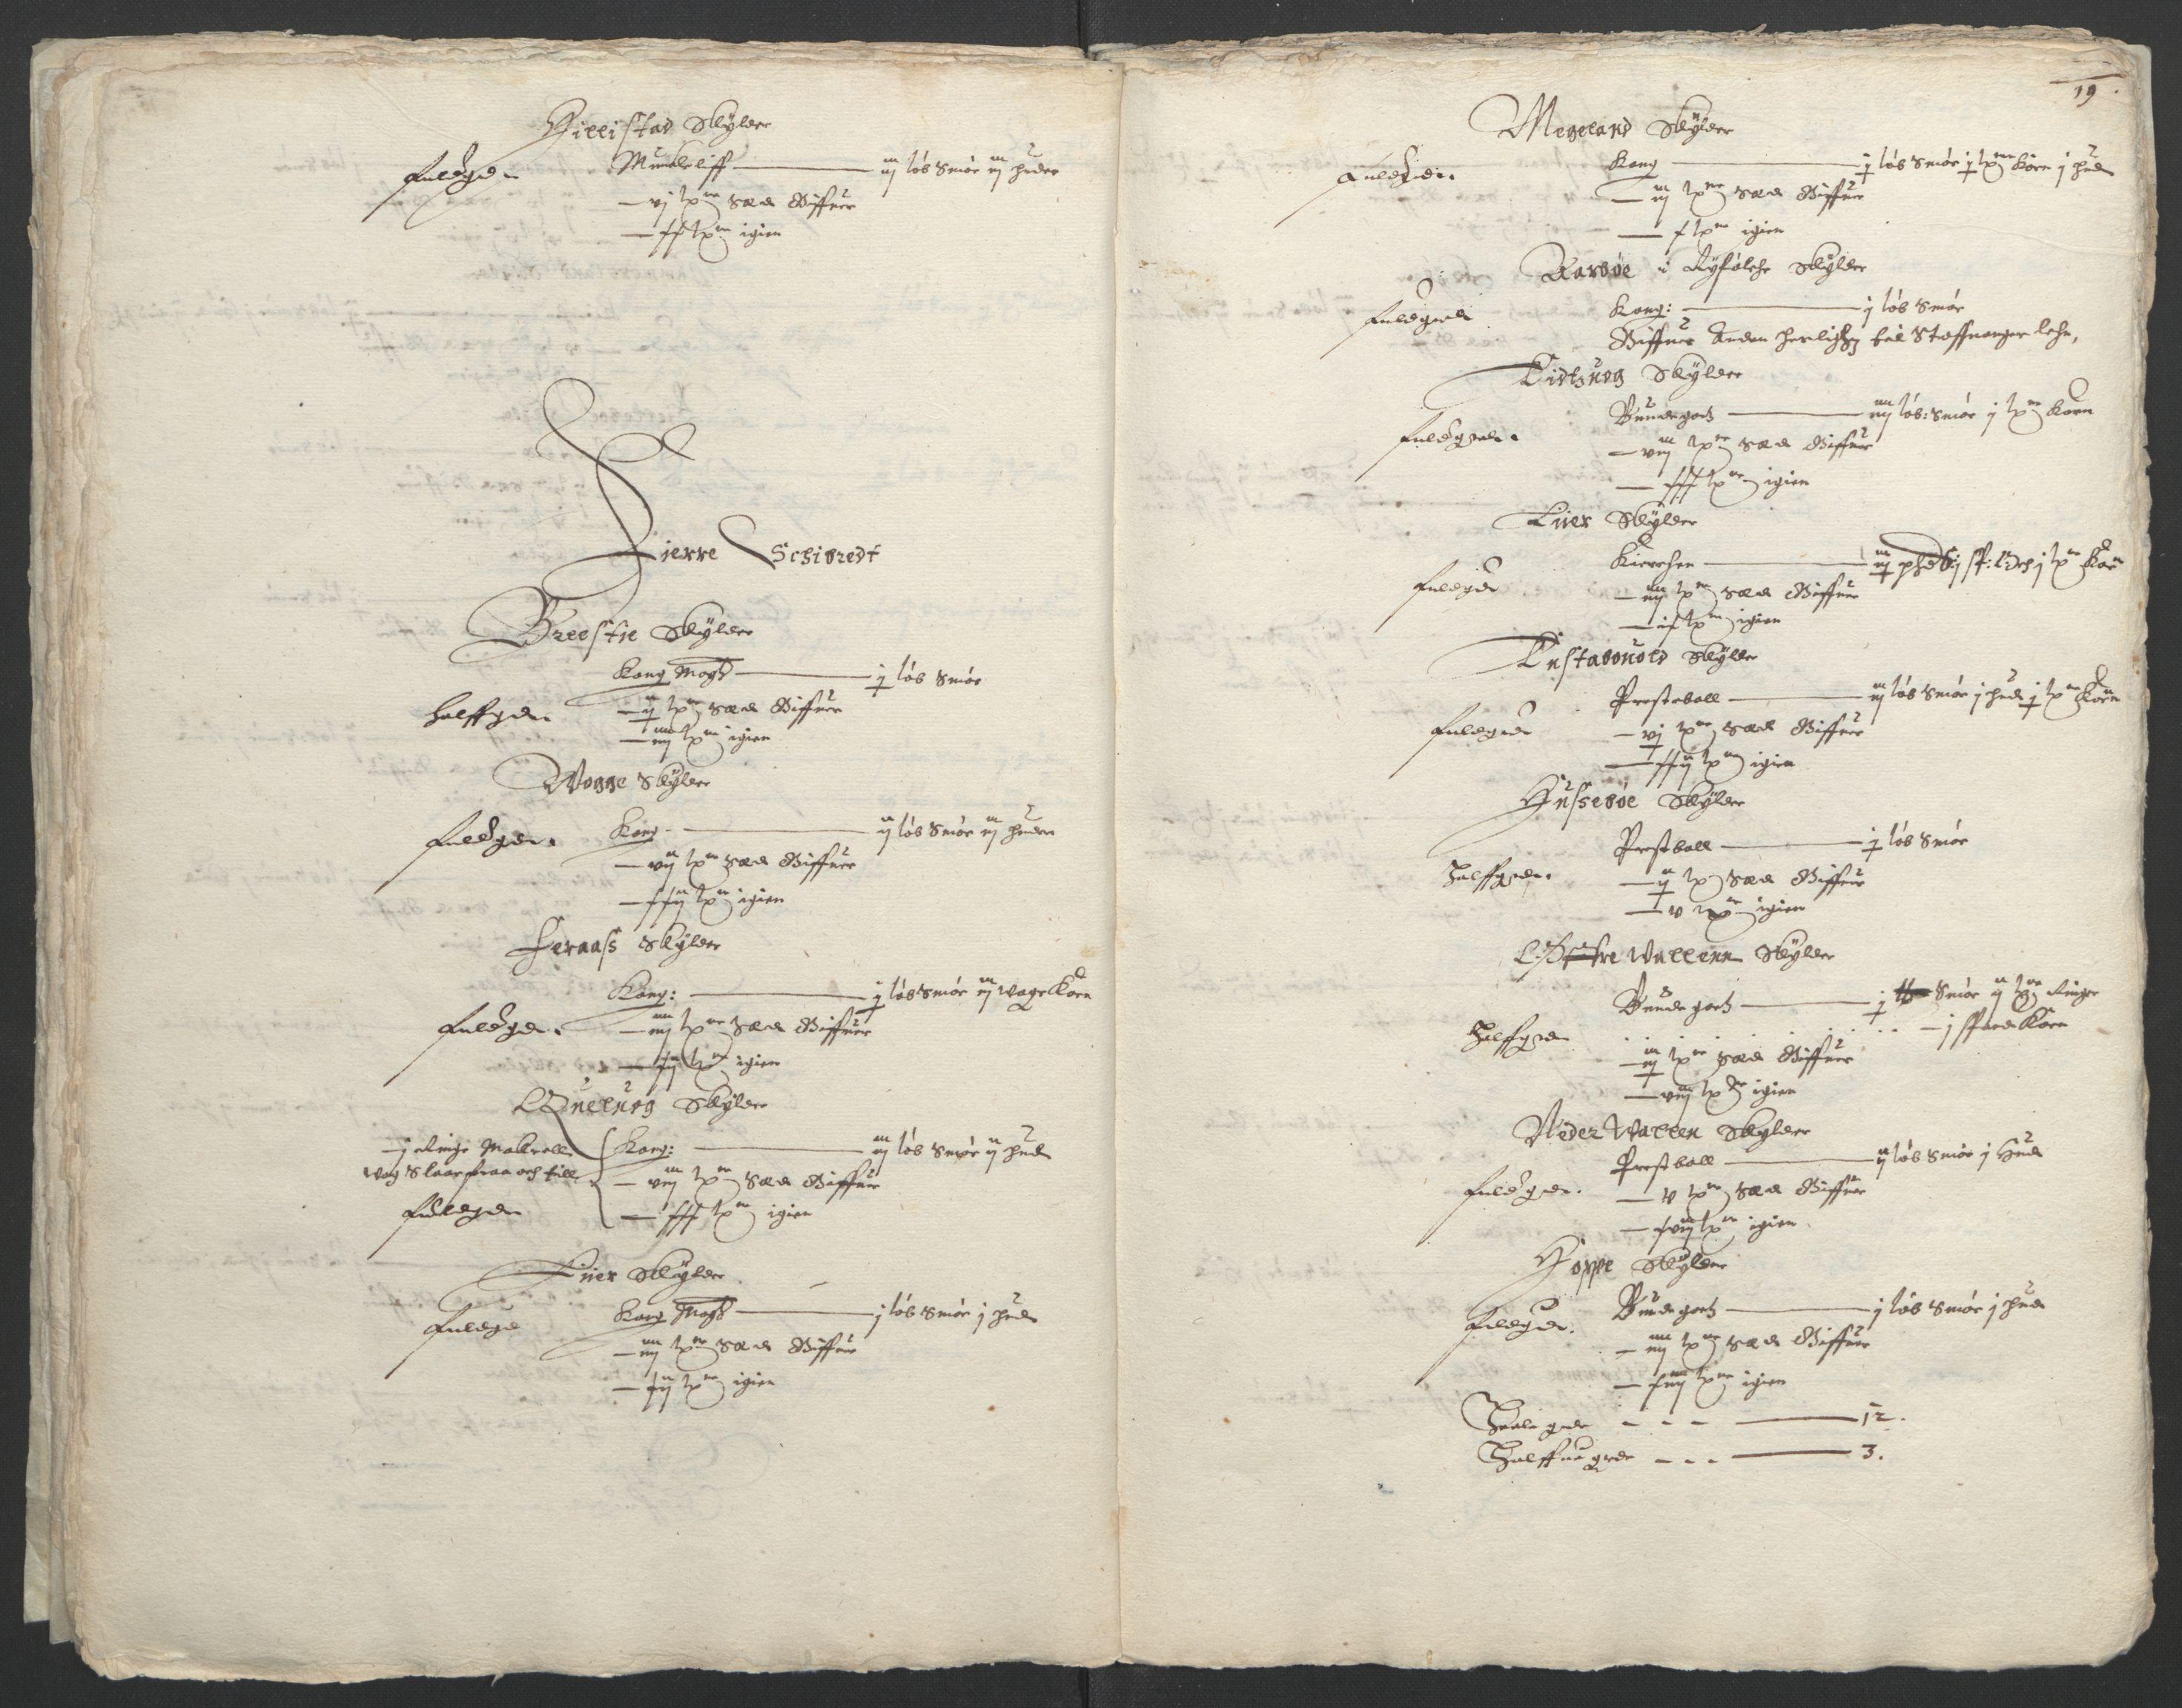 RA, Stattholderembetet 1572-1771, Ek/L0004: Jordebøker til utlikning av garnisonsskatt 1624-1626:, 1626, s. 23